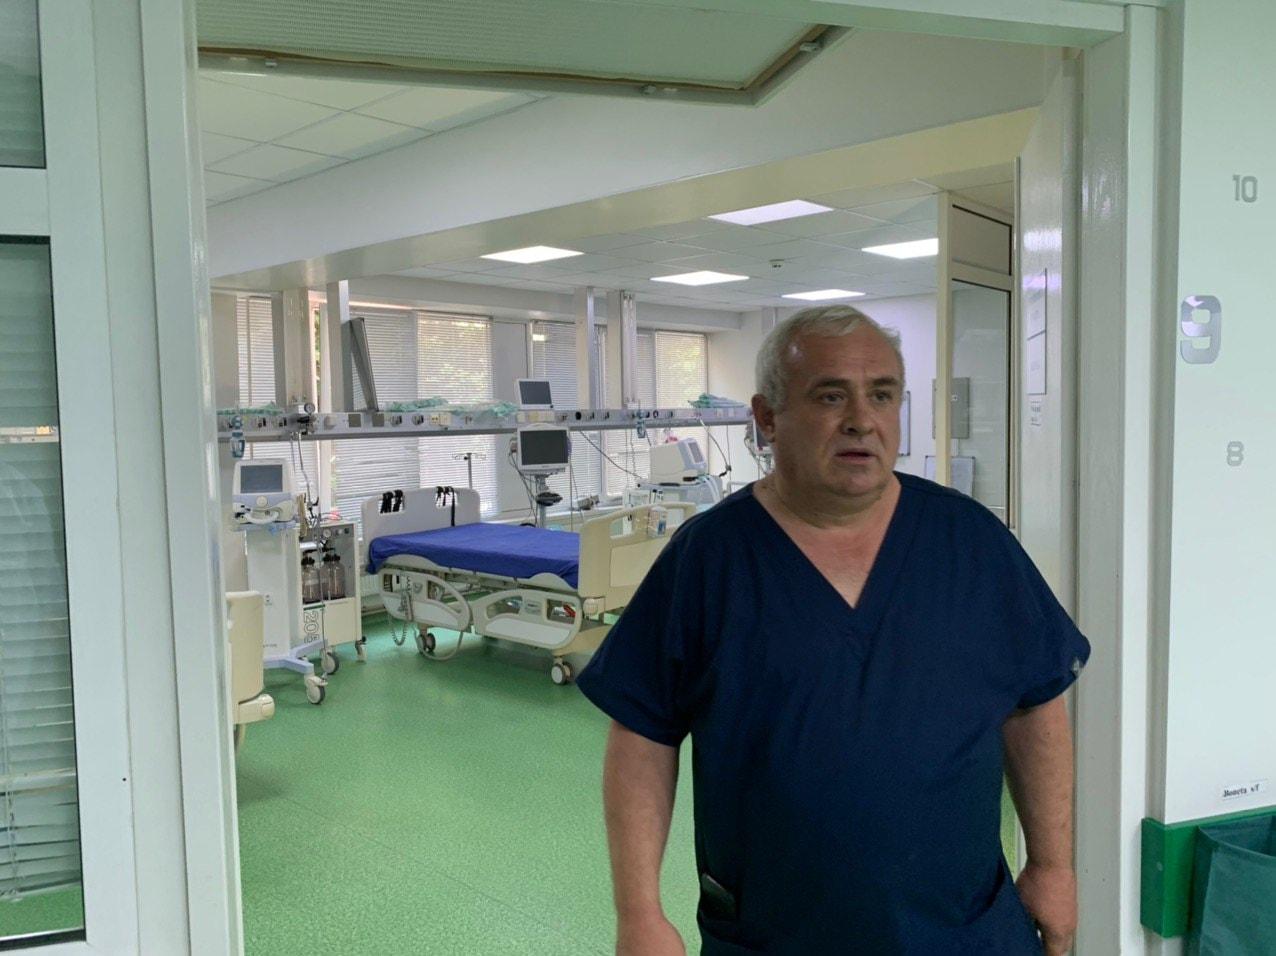 Вбольнице Святой Троицы вКишиневе открыли отделение «COVID-19» (ФОТО)